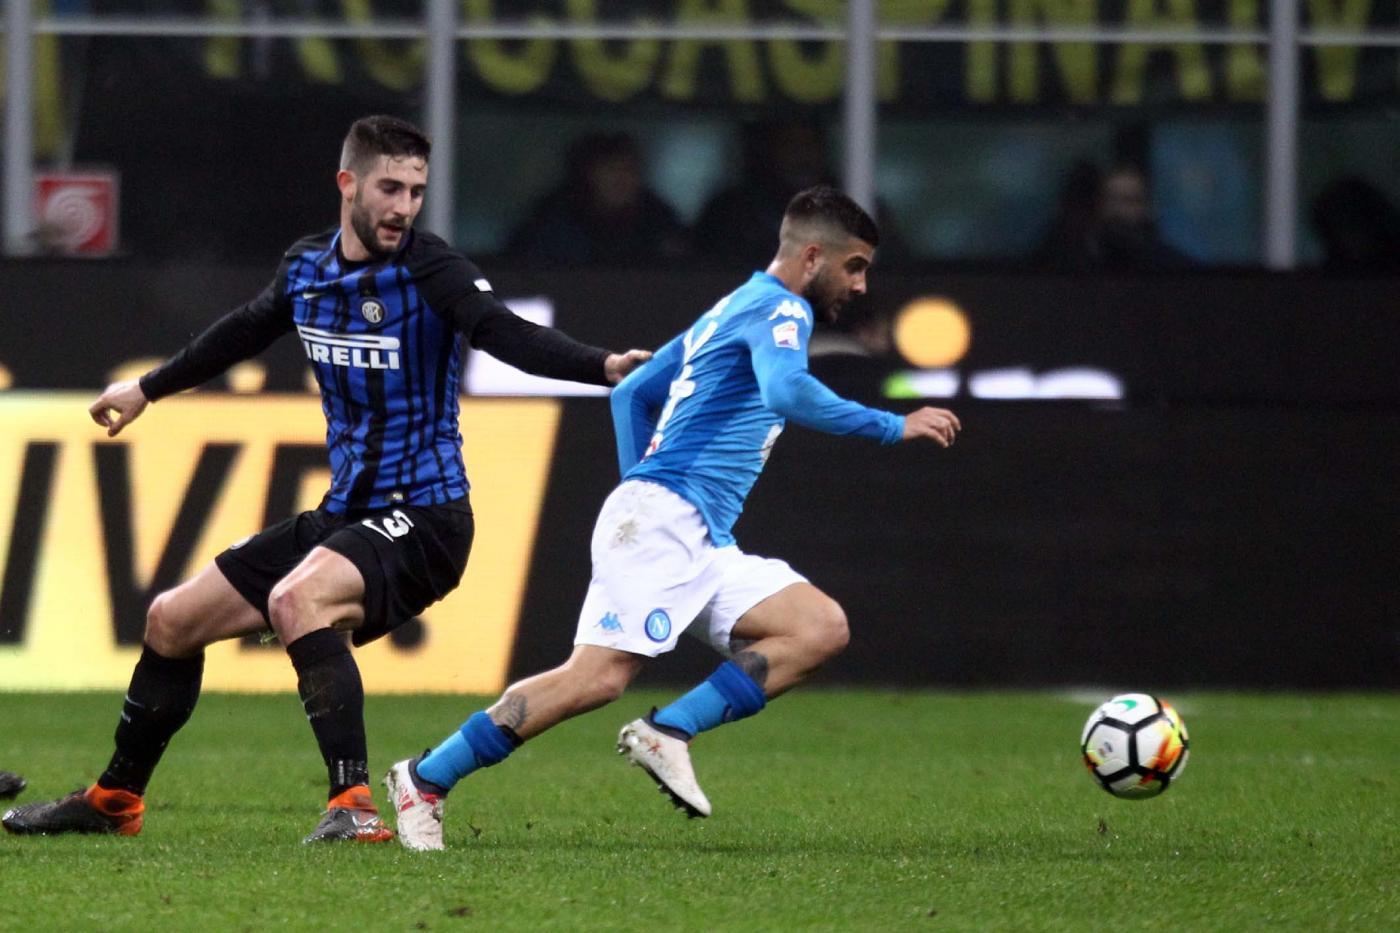 L'Inter blocca il Napoli: a San Siro termina 0-0. Juve nuova capolista